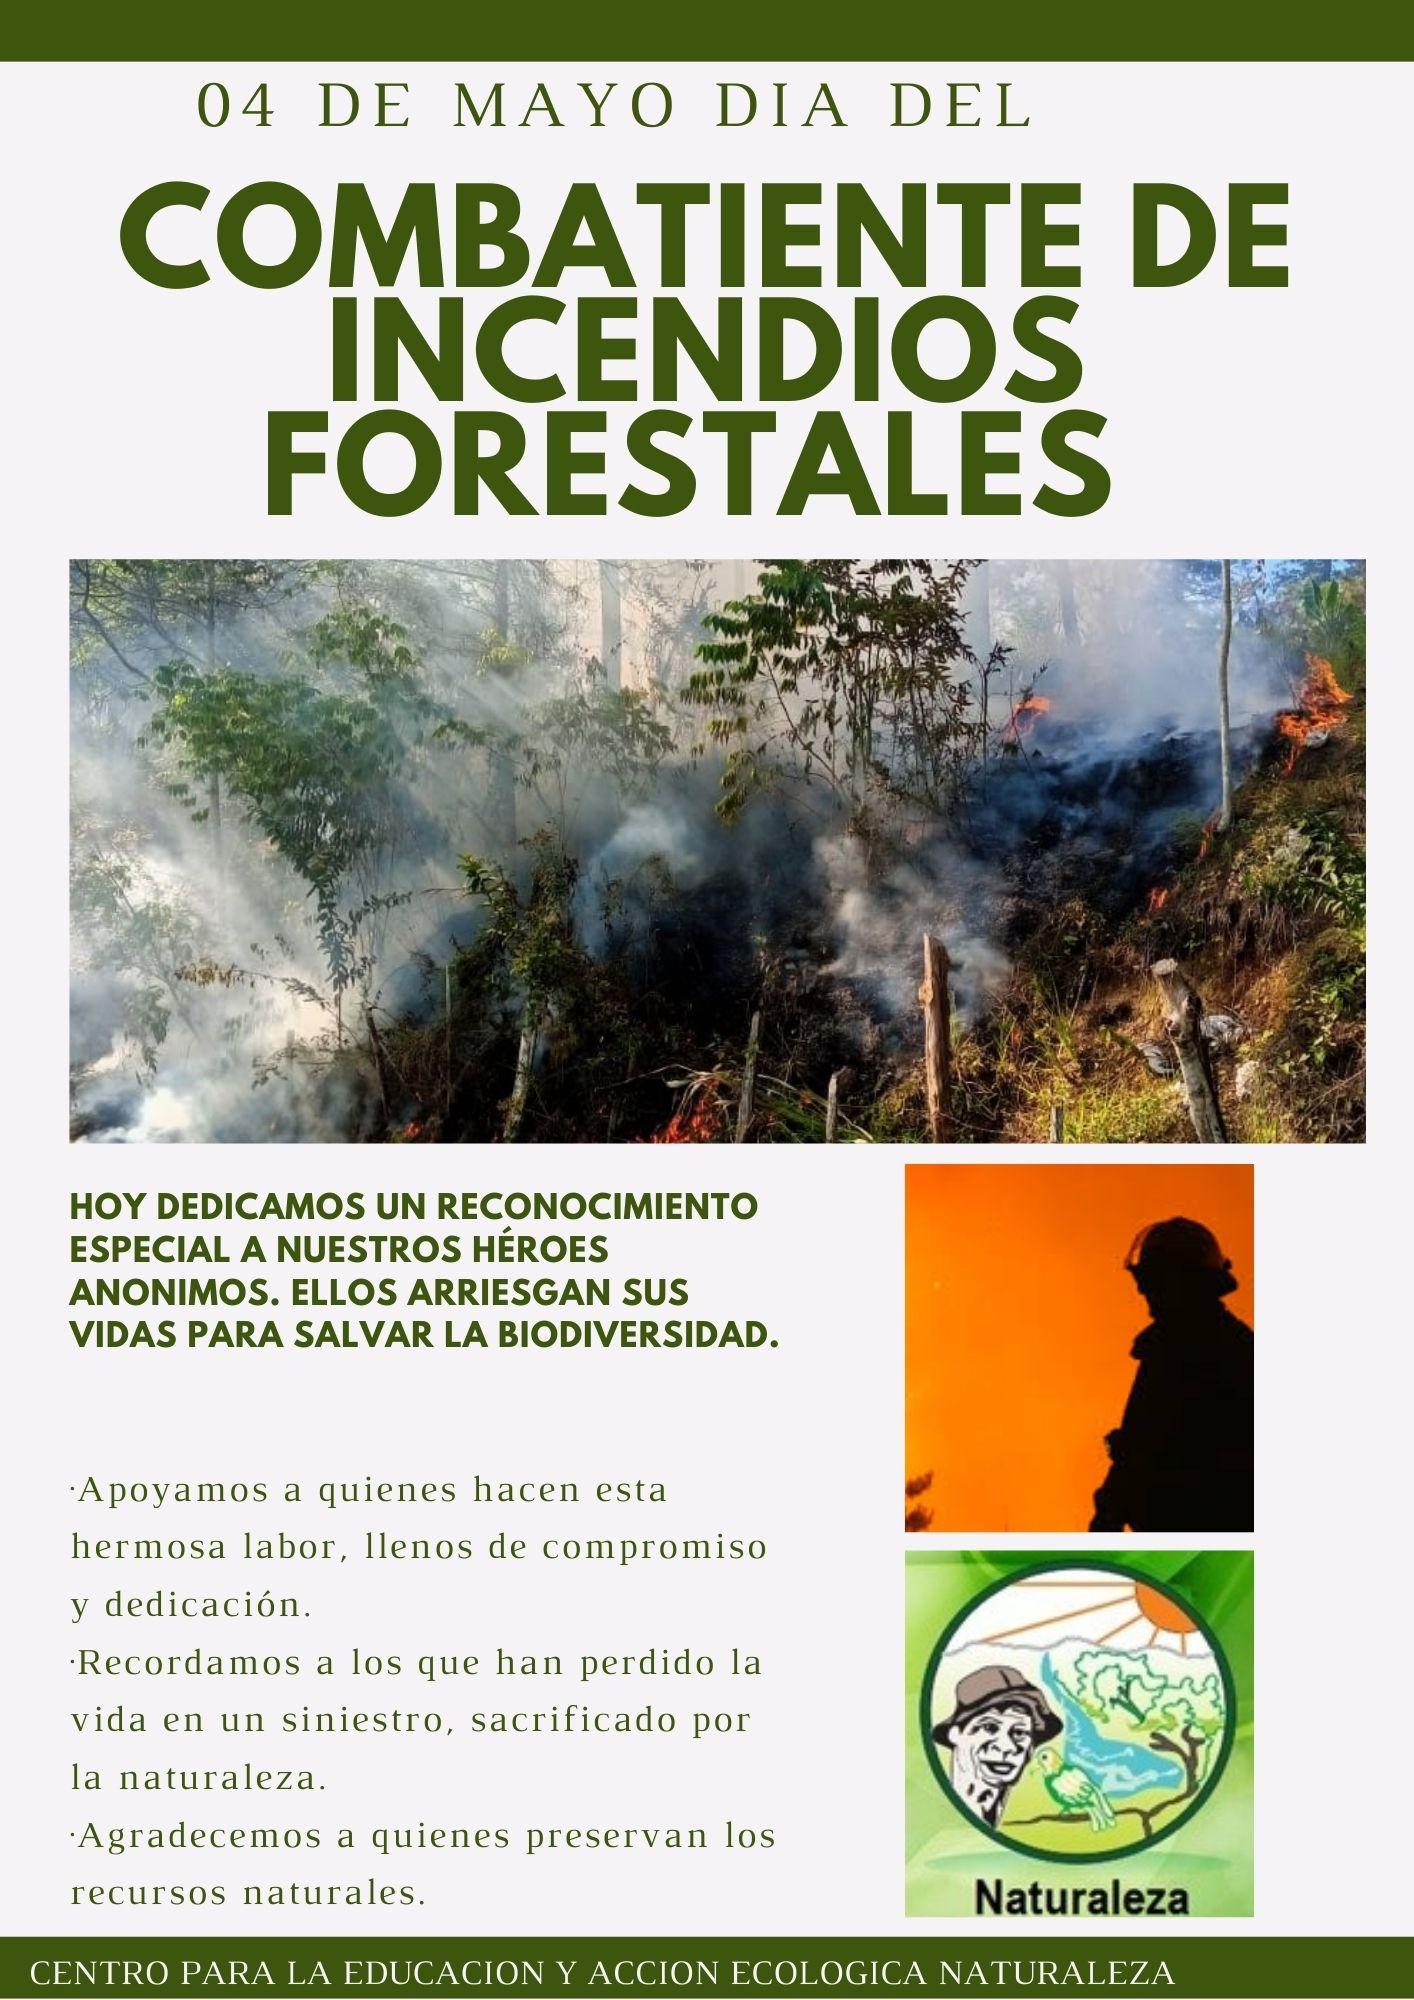 Día internacional del combatiente de incendios forestales.